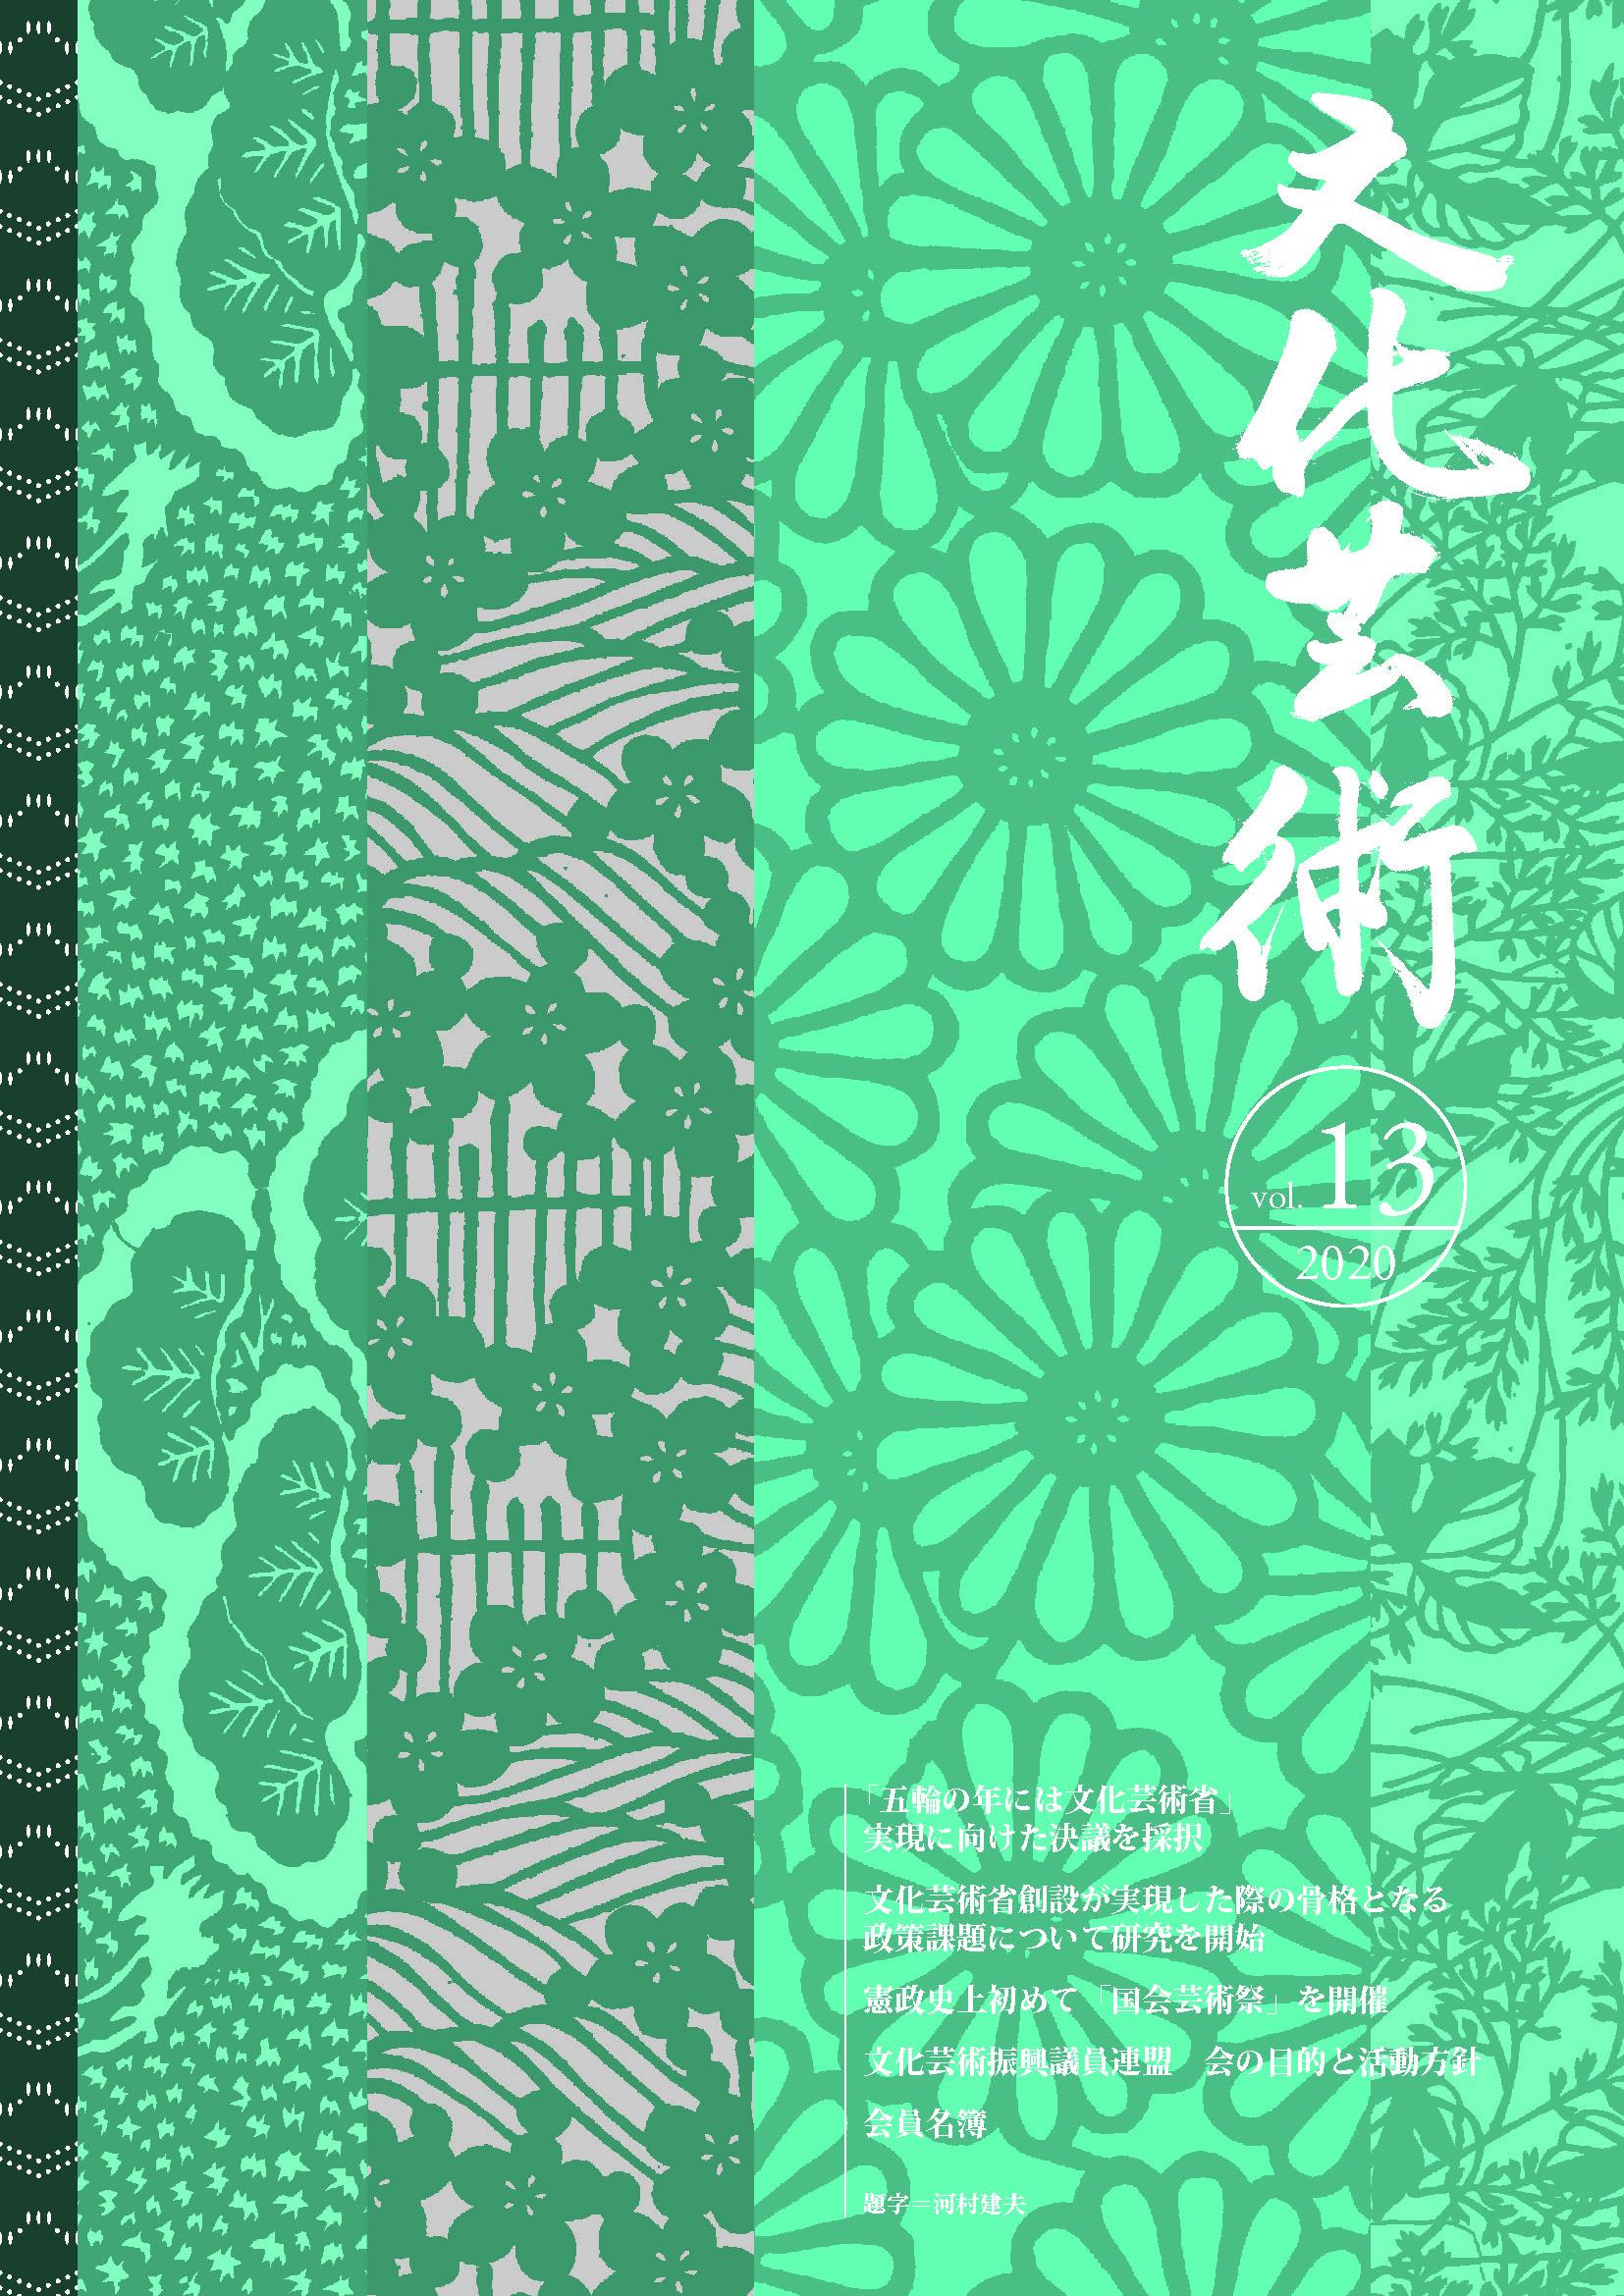 文化芸術vol.13